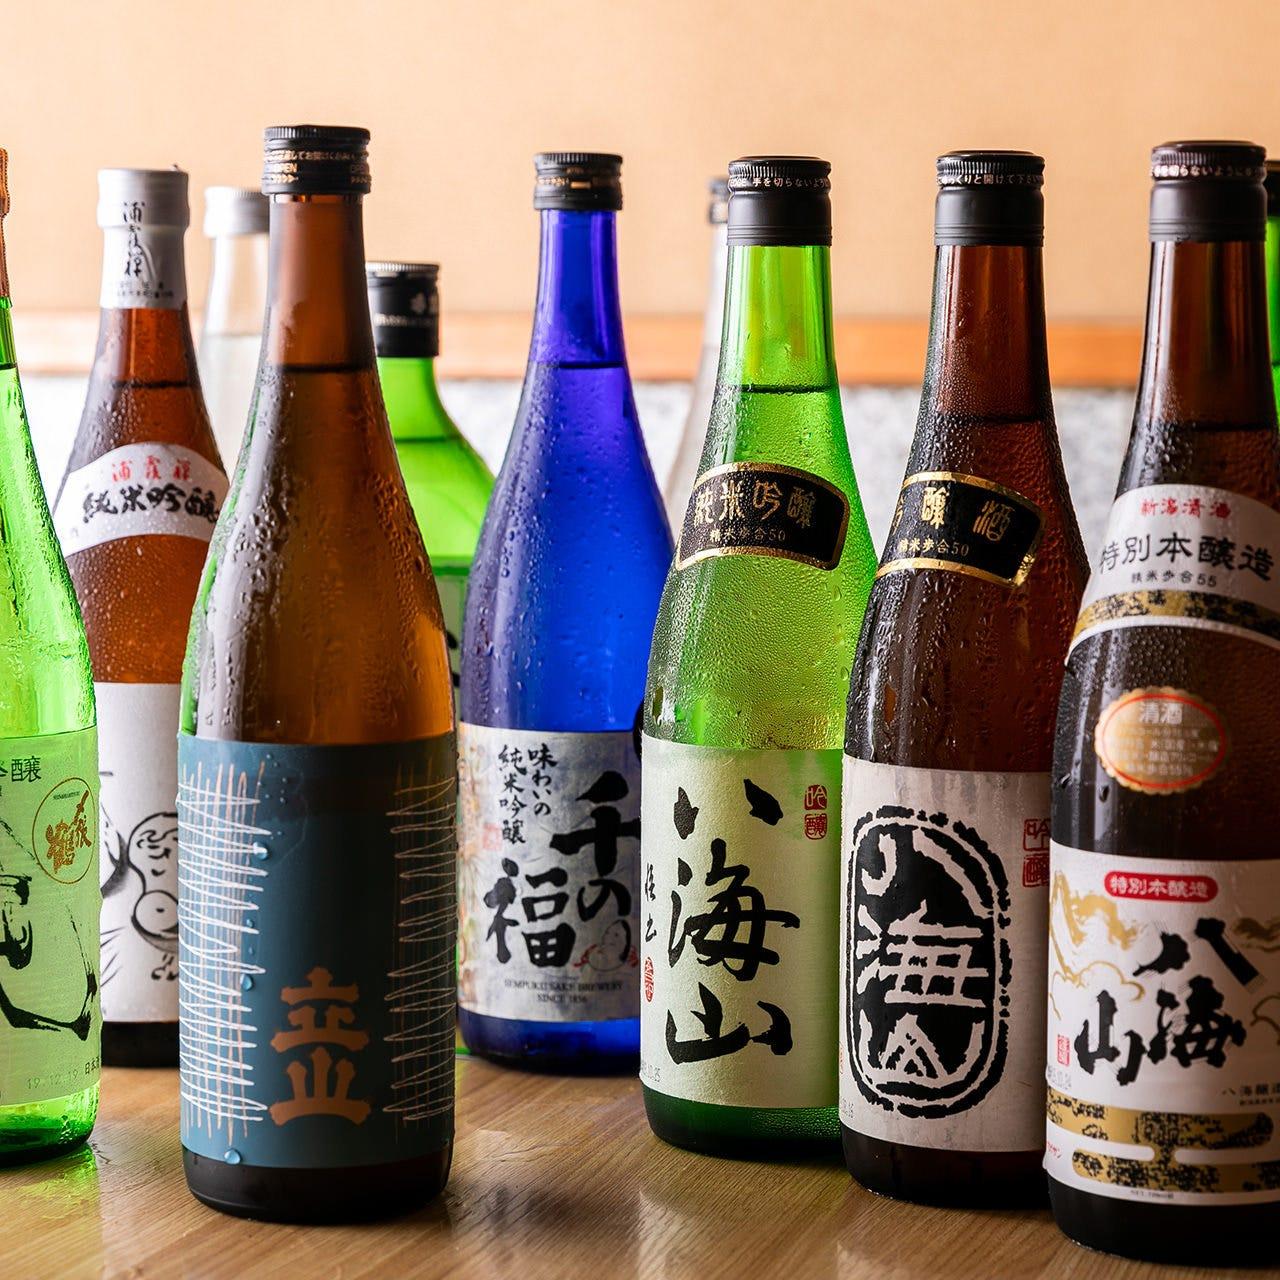 日本全国の地酒や焼酎を存分に味わう